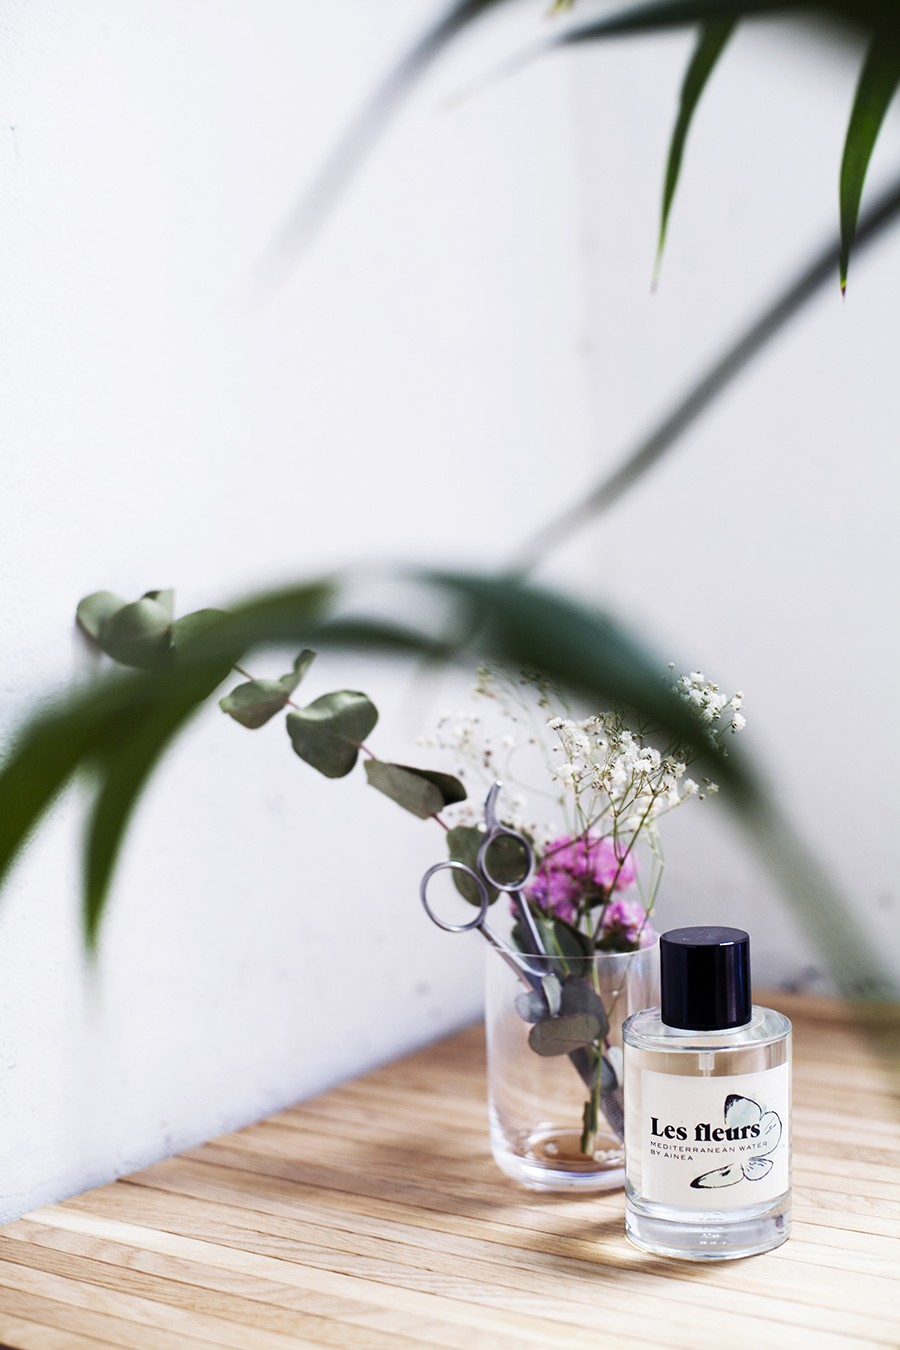 Les Fleurs Ainea Perfums